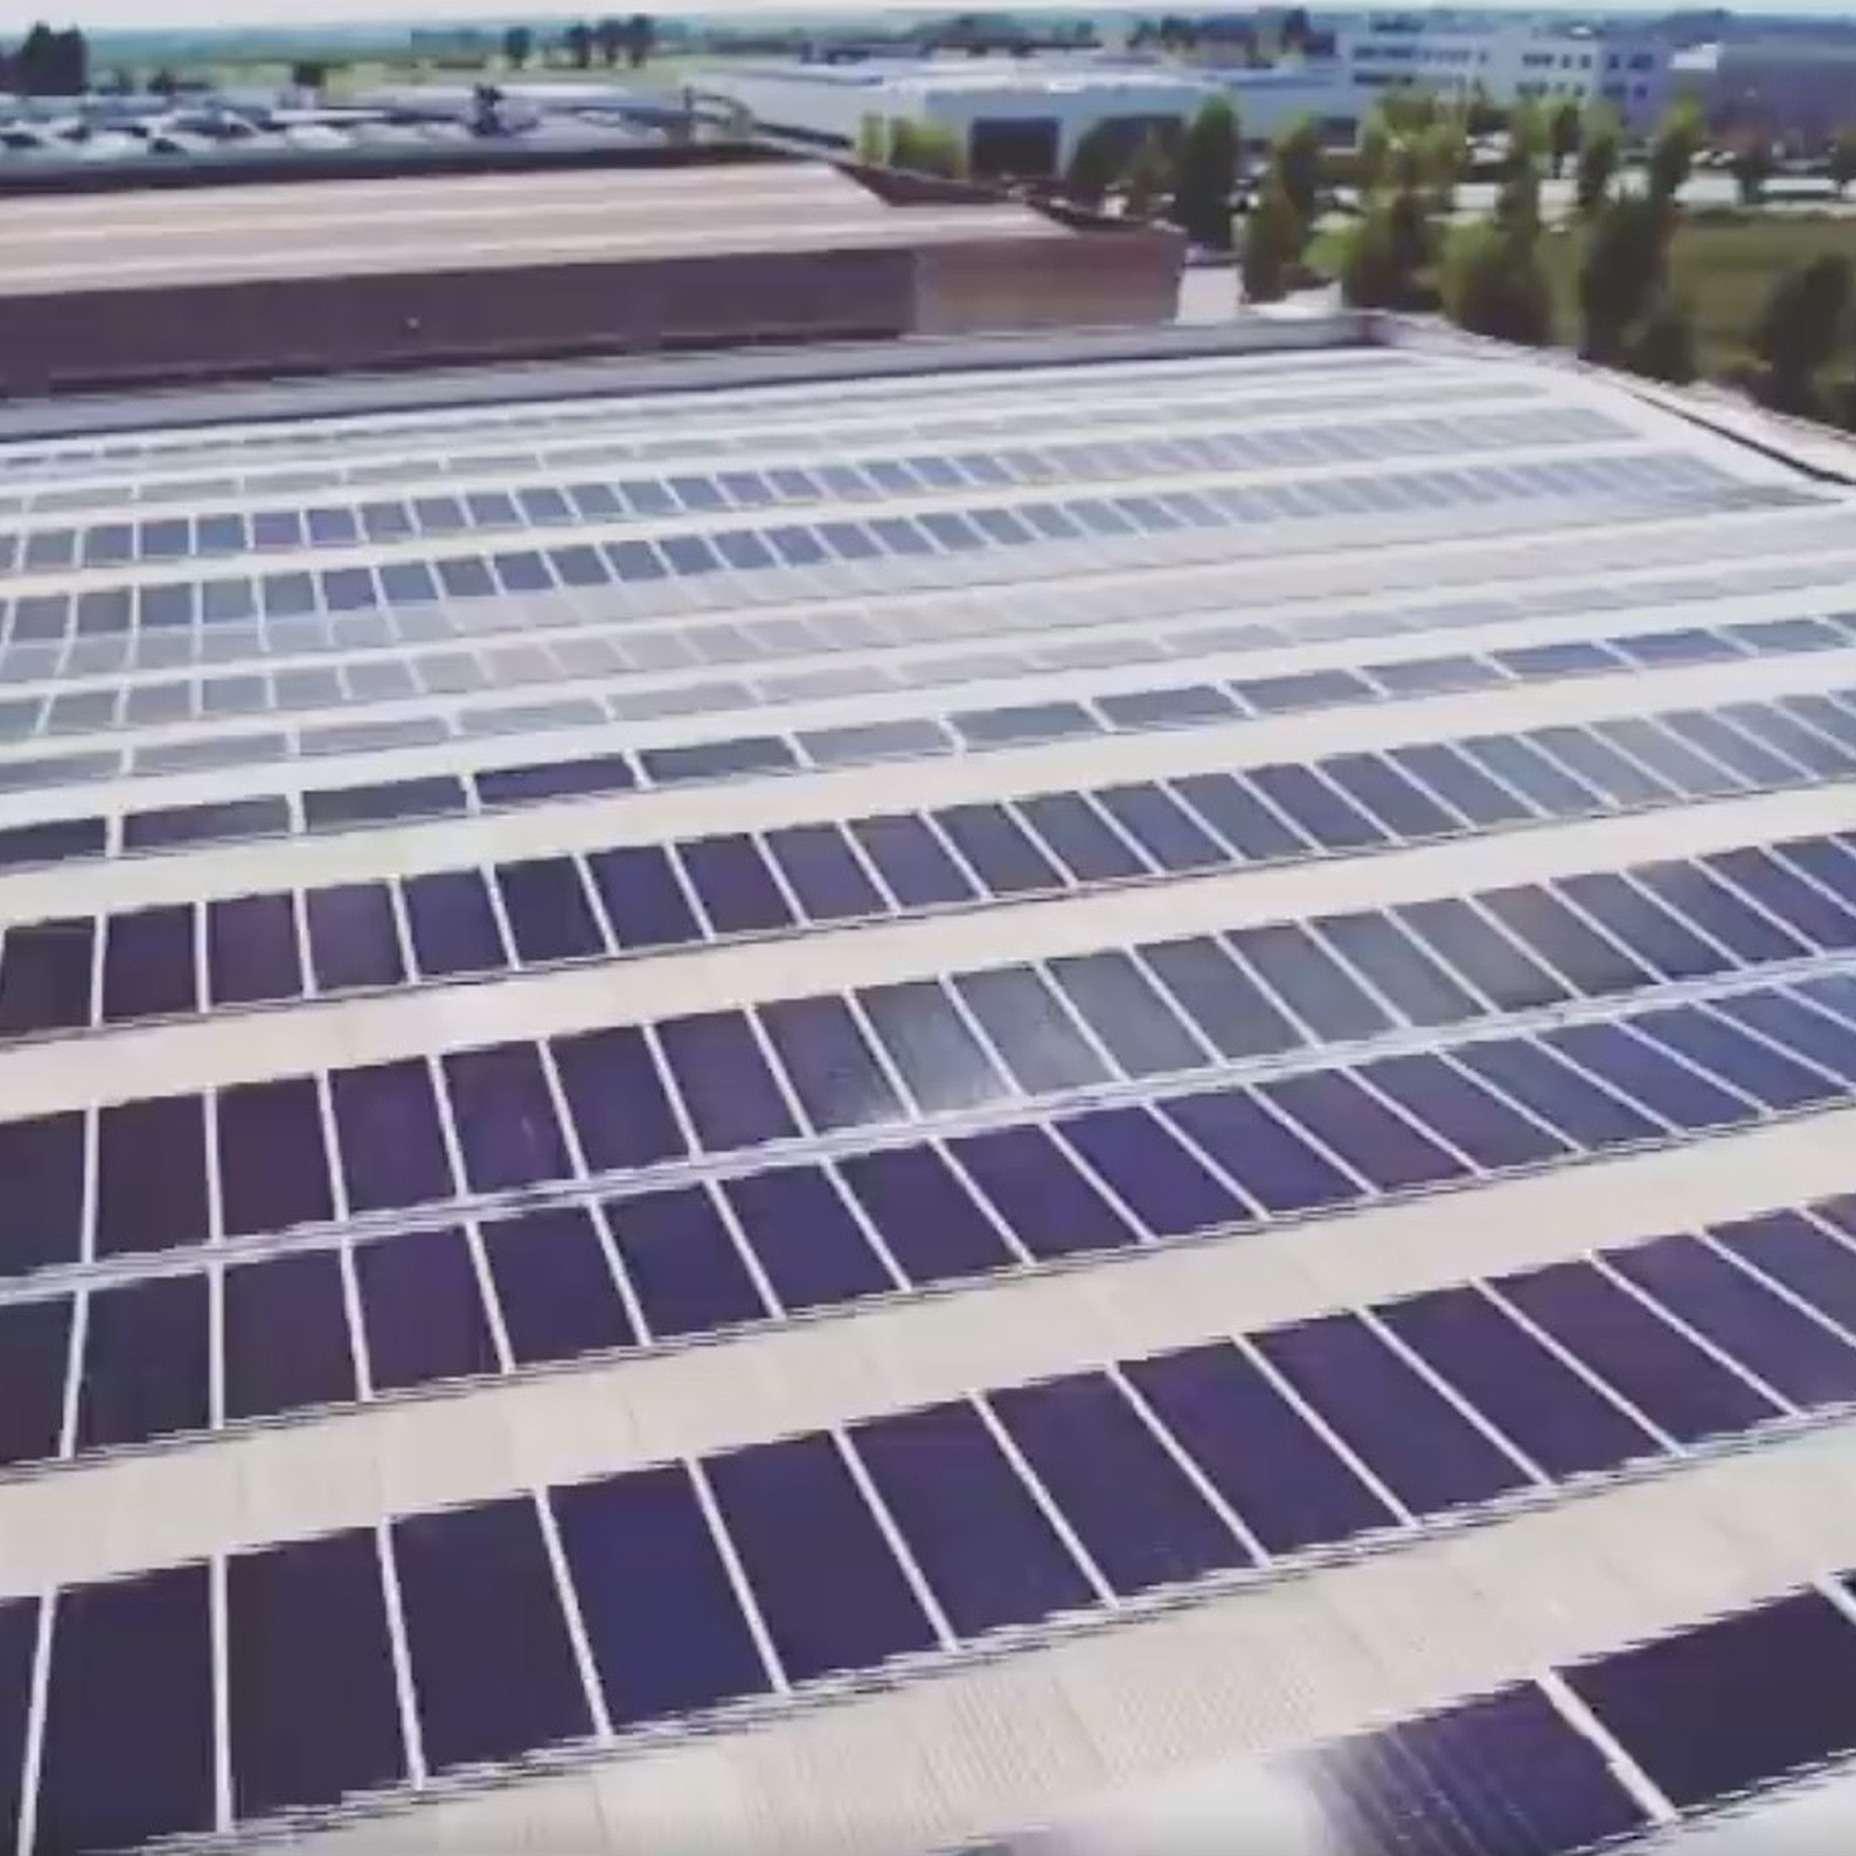 Pannelli fotovoltaici - OMR Serrature per l'ecosostenibilità